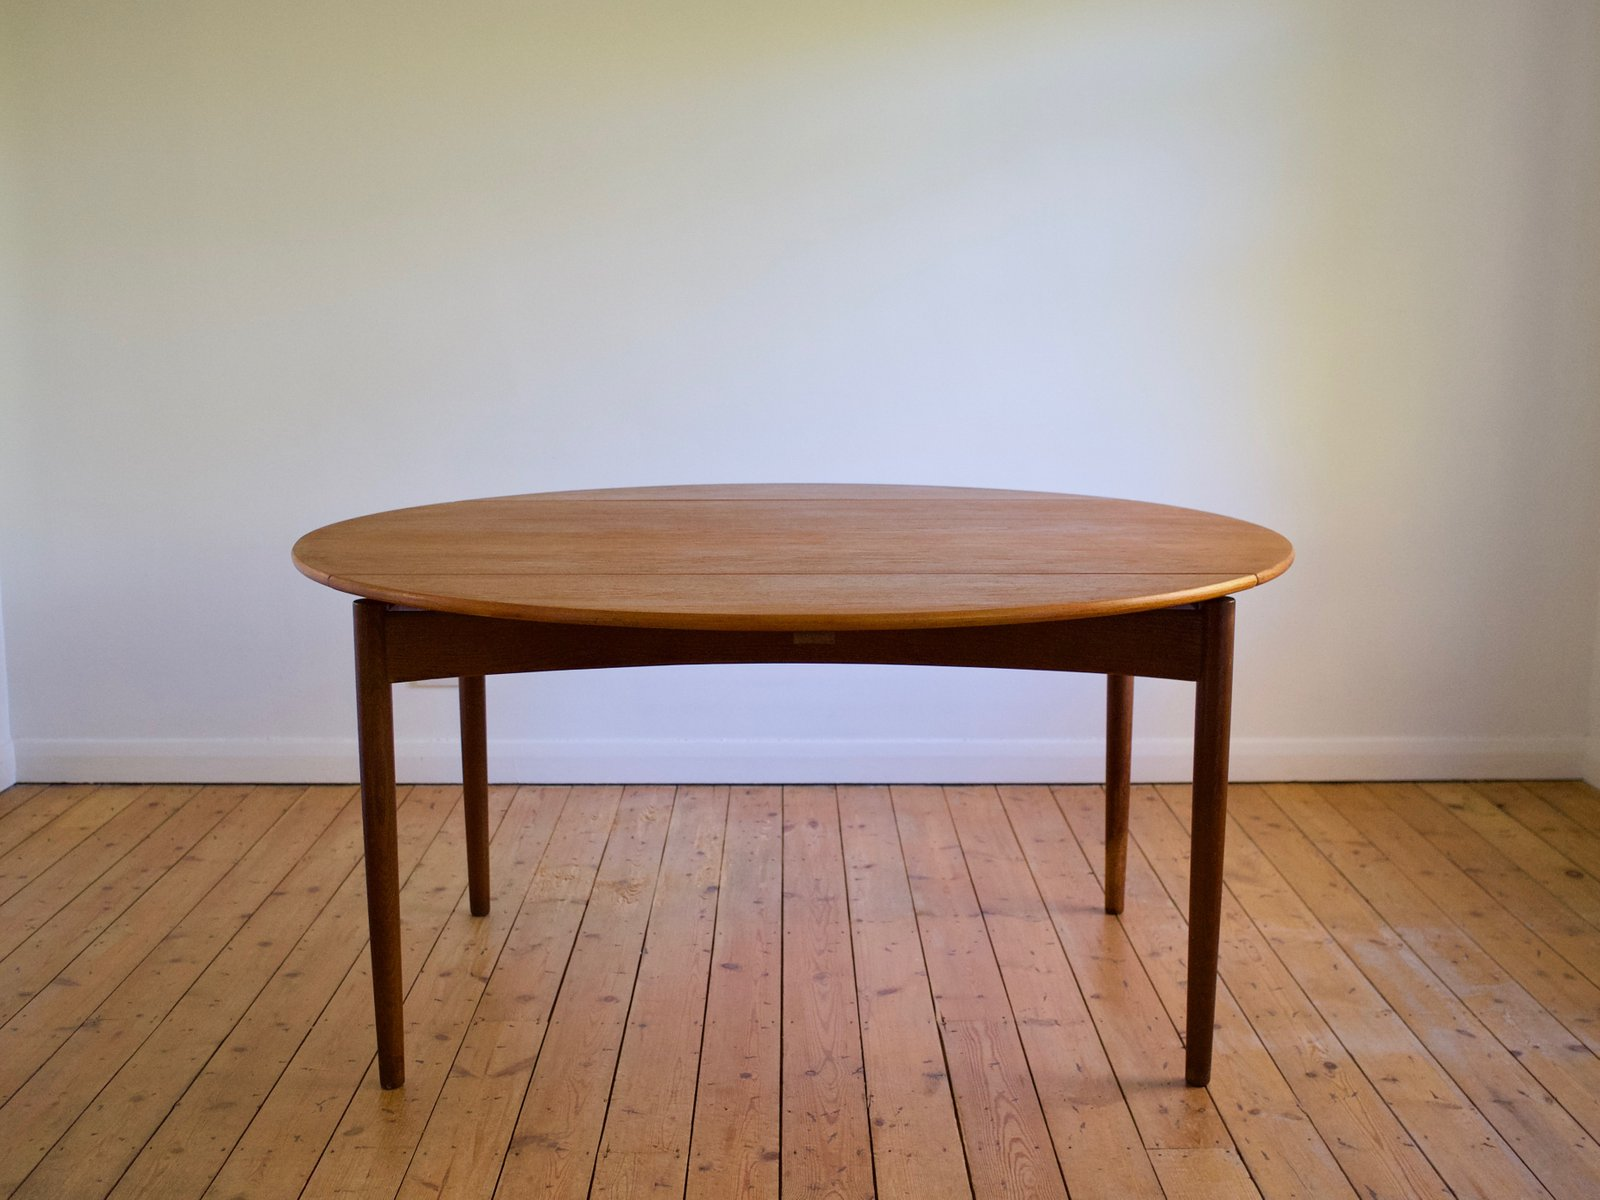 Danish Teak & Oak Dining Table by Svend Madsen for NBM, 1960s